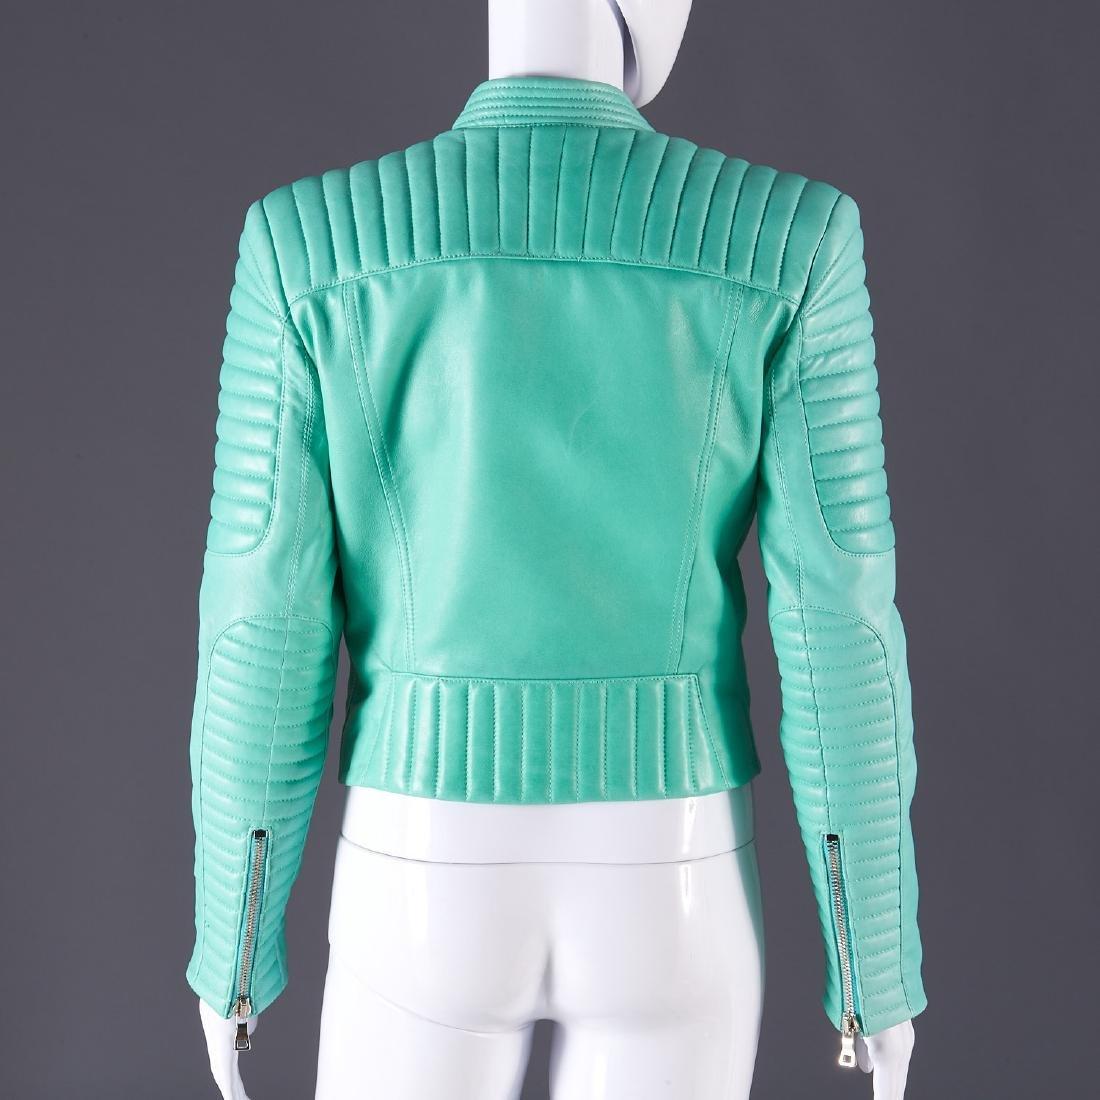 Balmain Paris turquoise lambskin jacket - 12